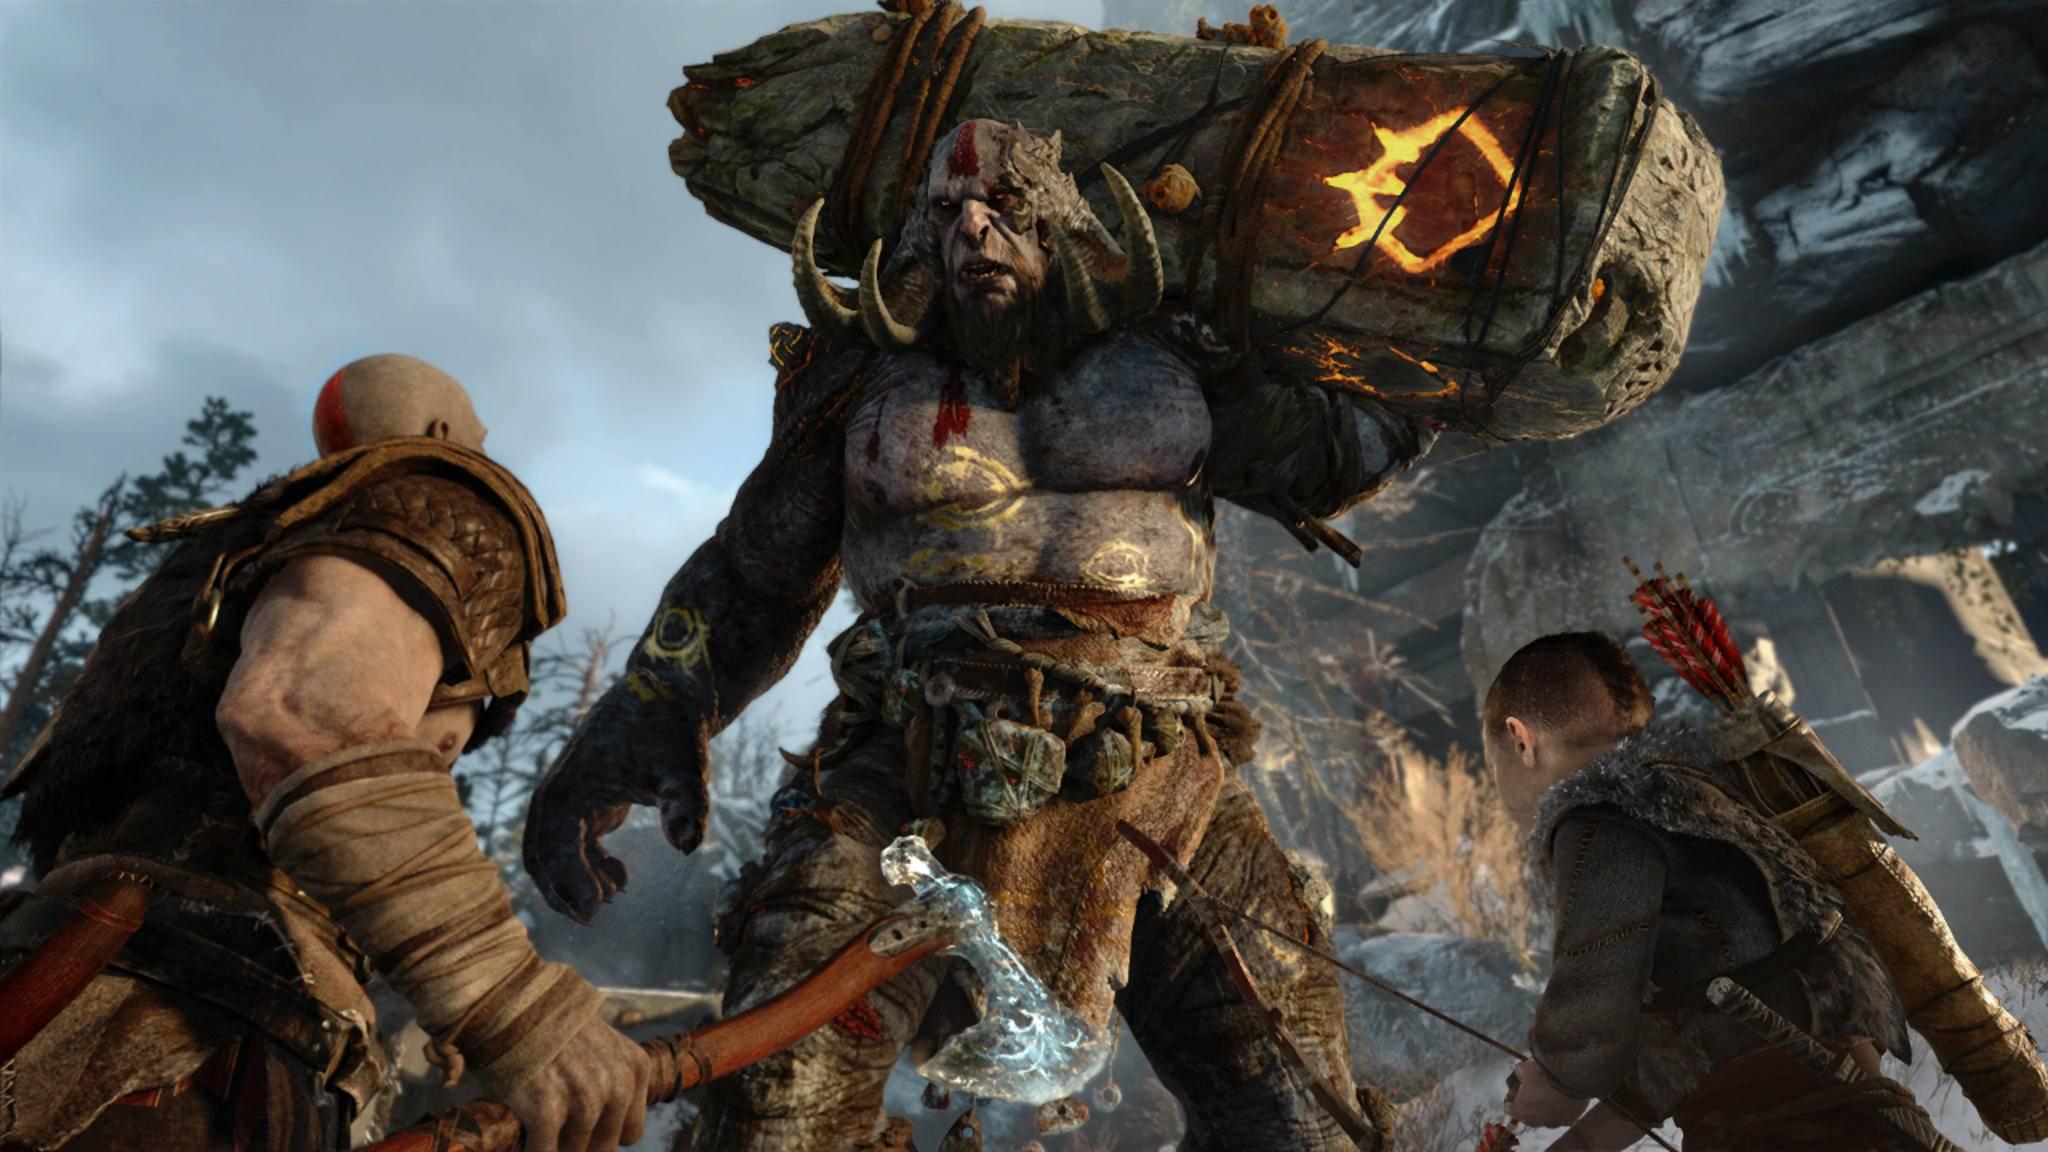 Können wir Kratos in den nächsten Jahren auch im Kino bestaunen? – Wäre gut möglich.